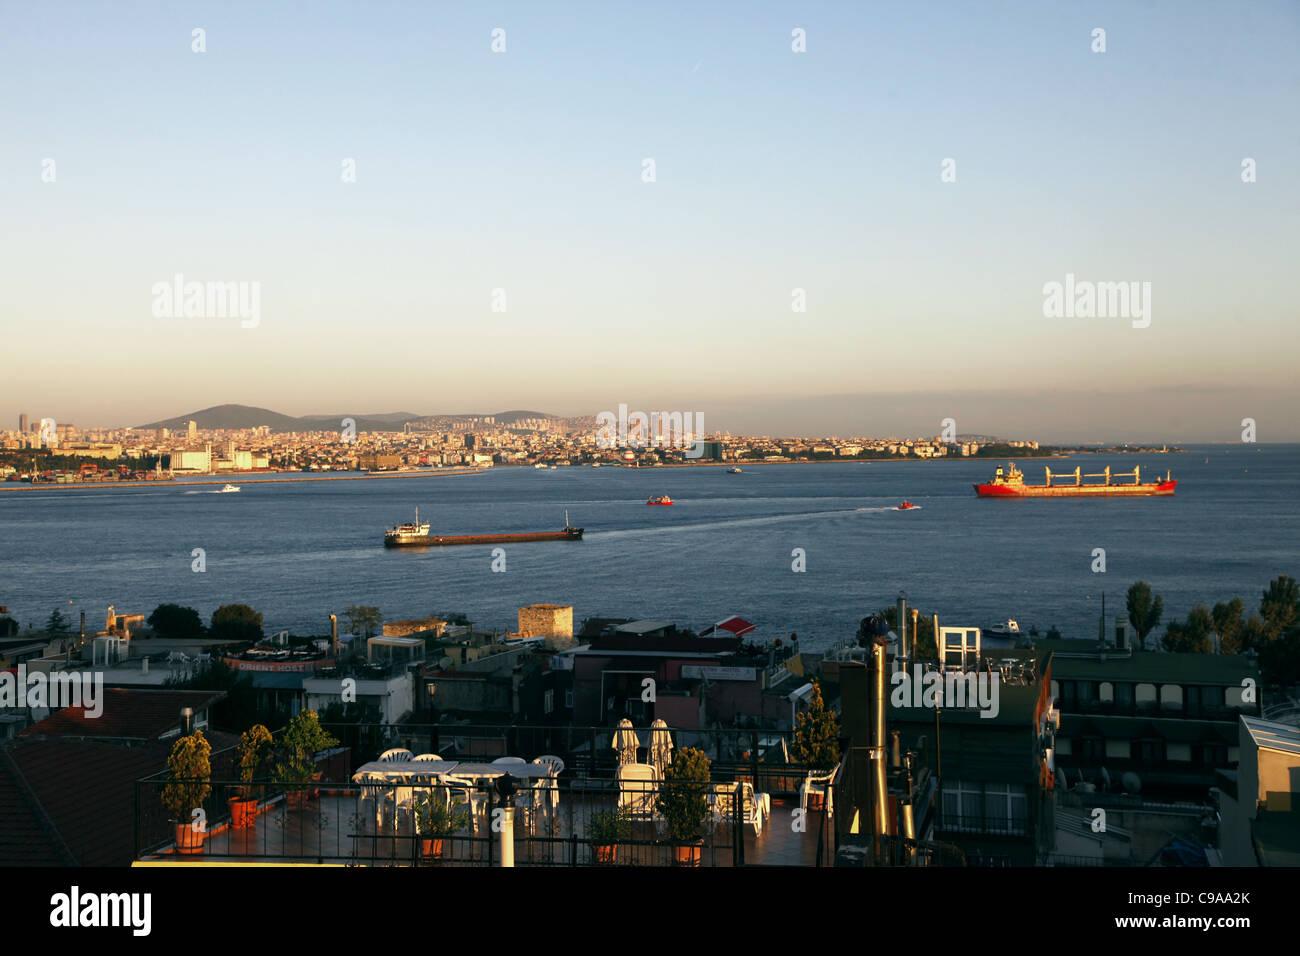 Pétroliers ROUGE SUR BOSPHORE TAKSIM ISTANBUL Turquie 03 octobre 2011 Banque D'Images